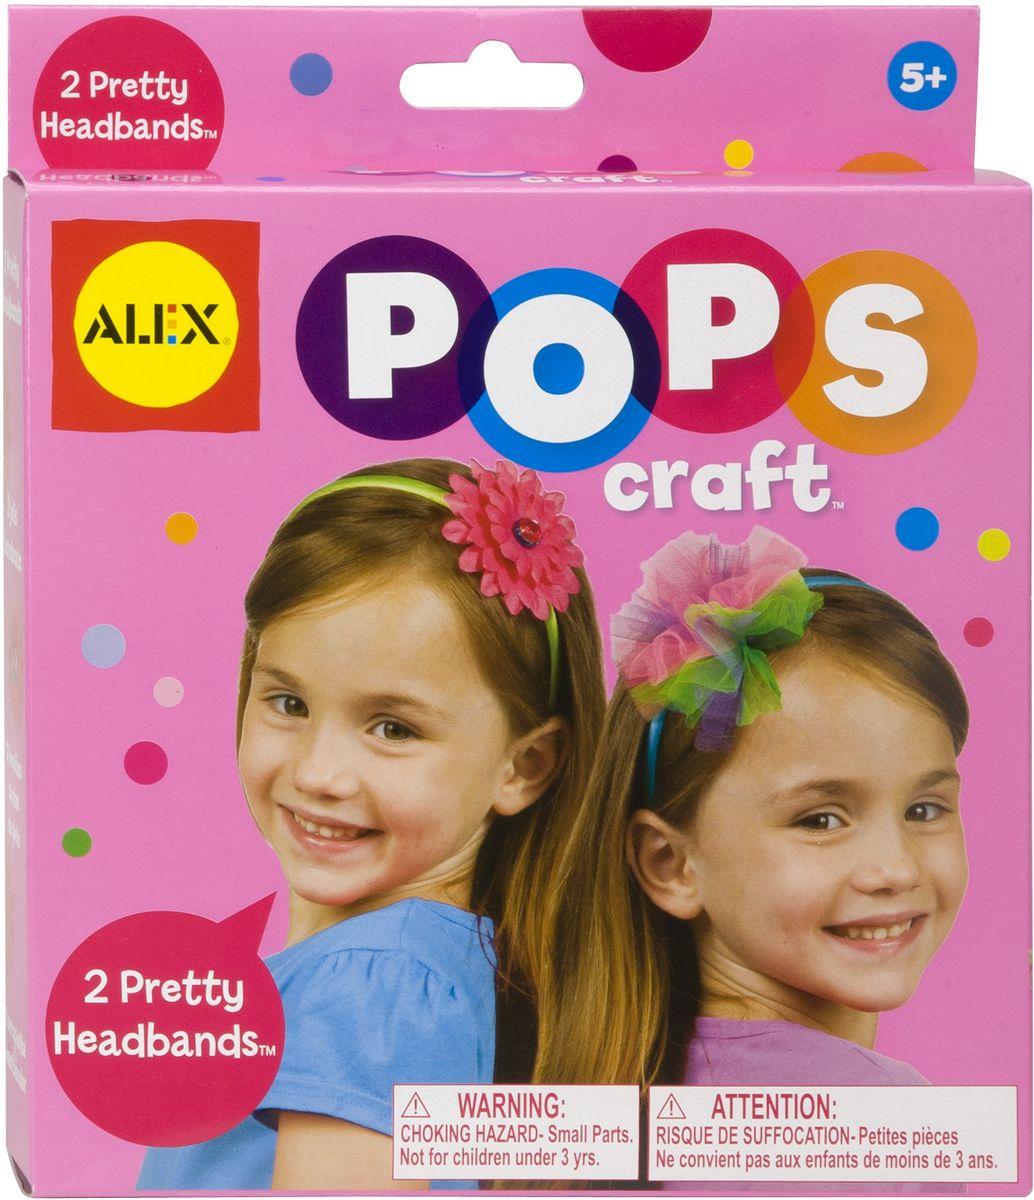 Alex Набор для творчества Pops Craft Укрась свой обруч наборы для творчества alex набор для вышивания любовь